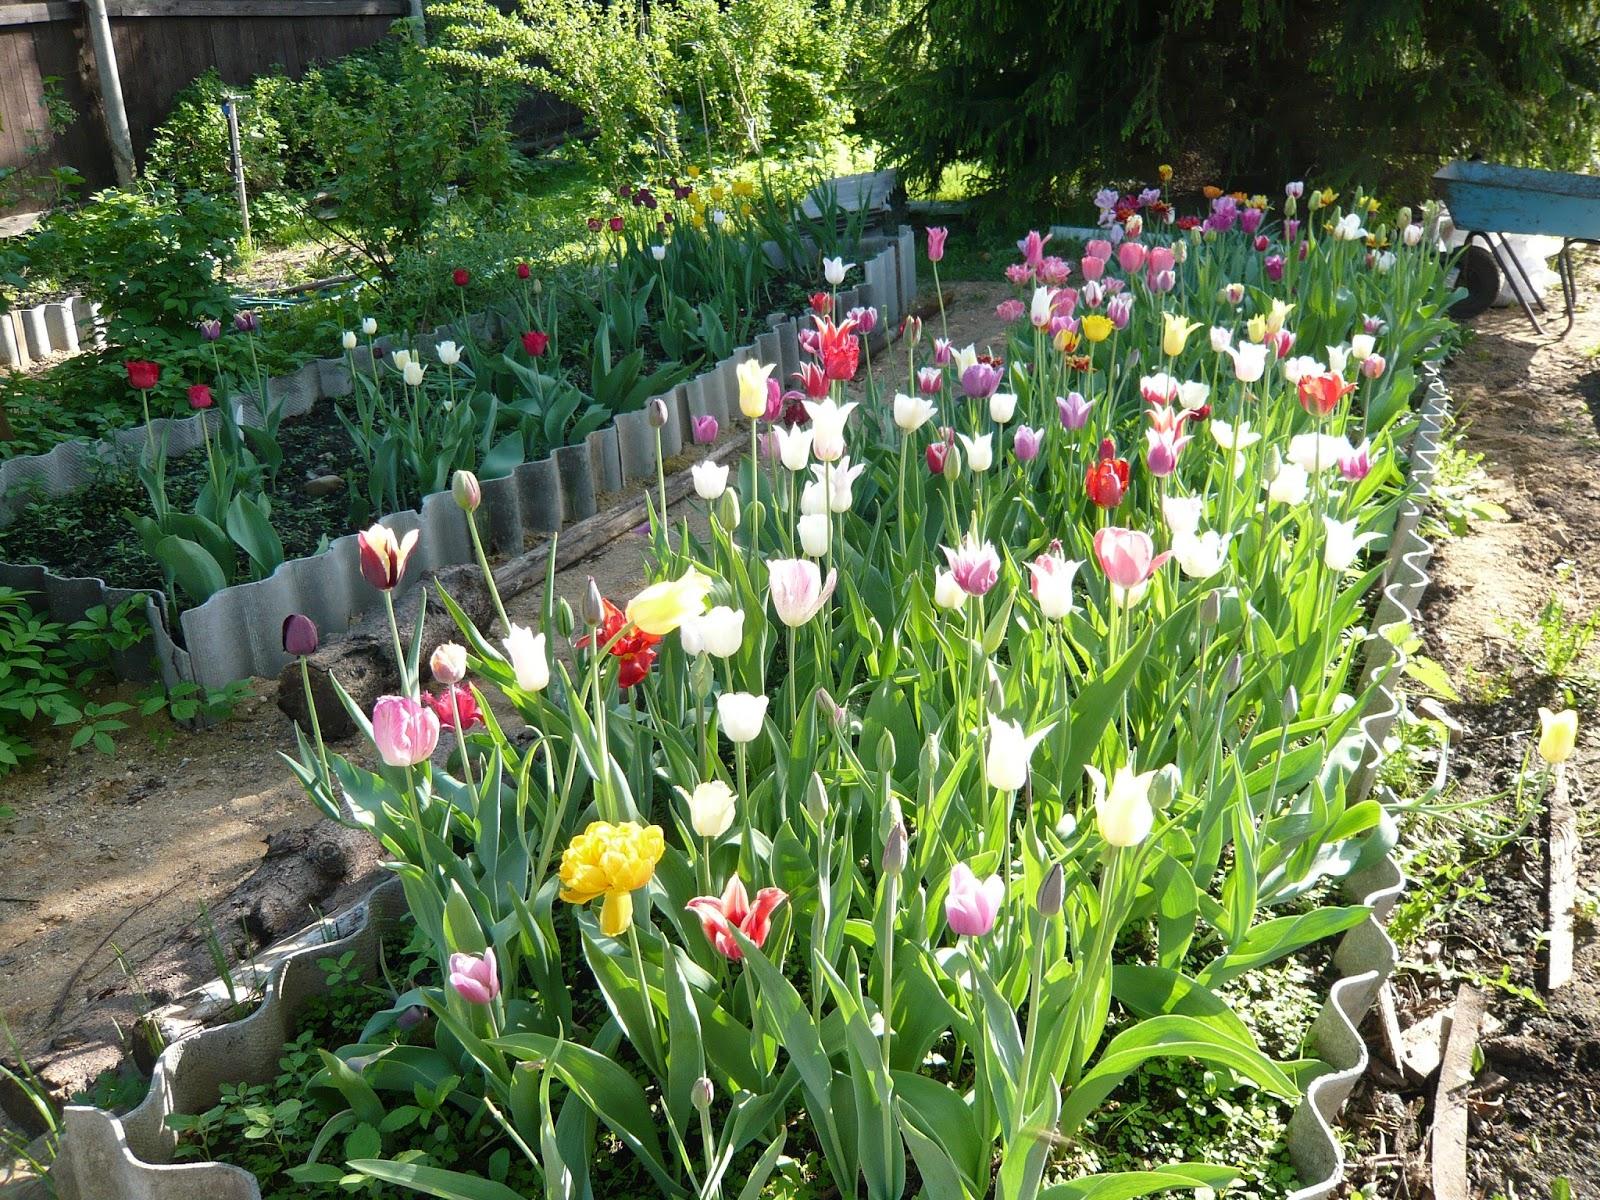 Что можно сажать на клумбах после тюльпанов? - ответы экспертов 14